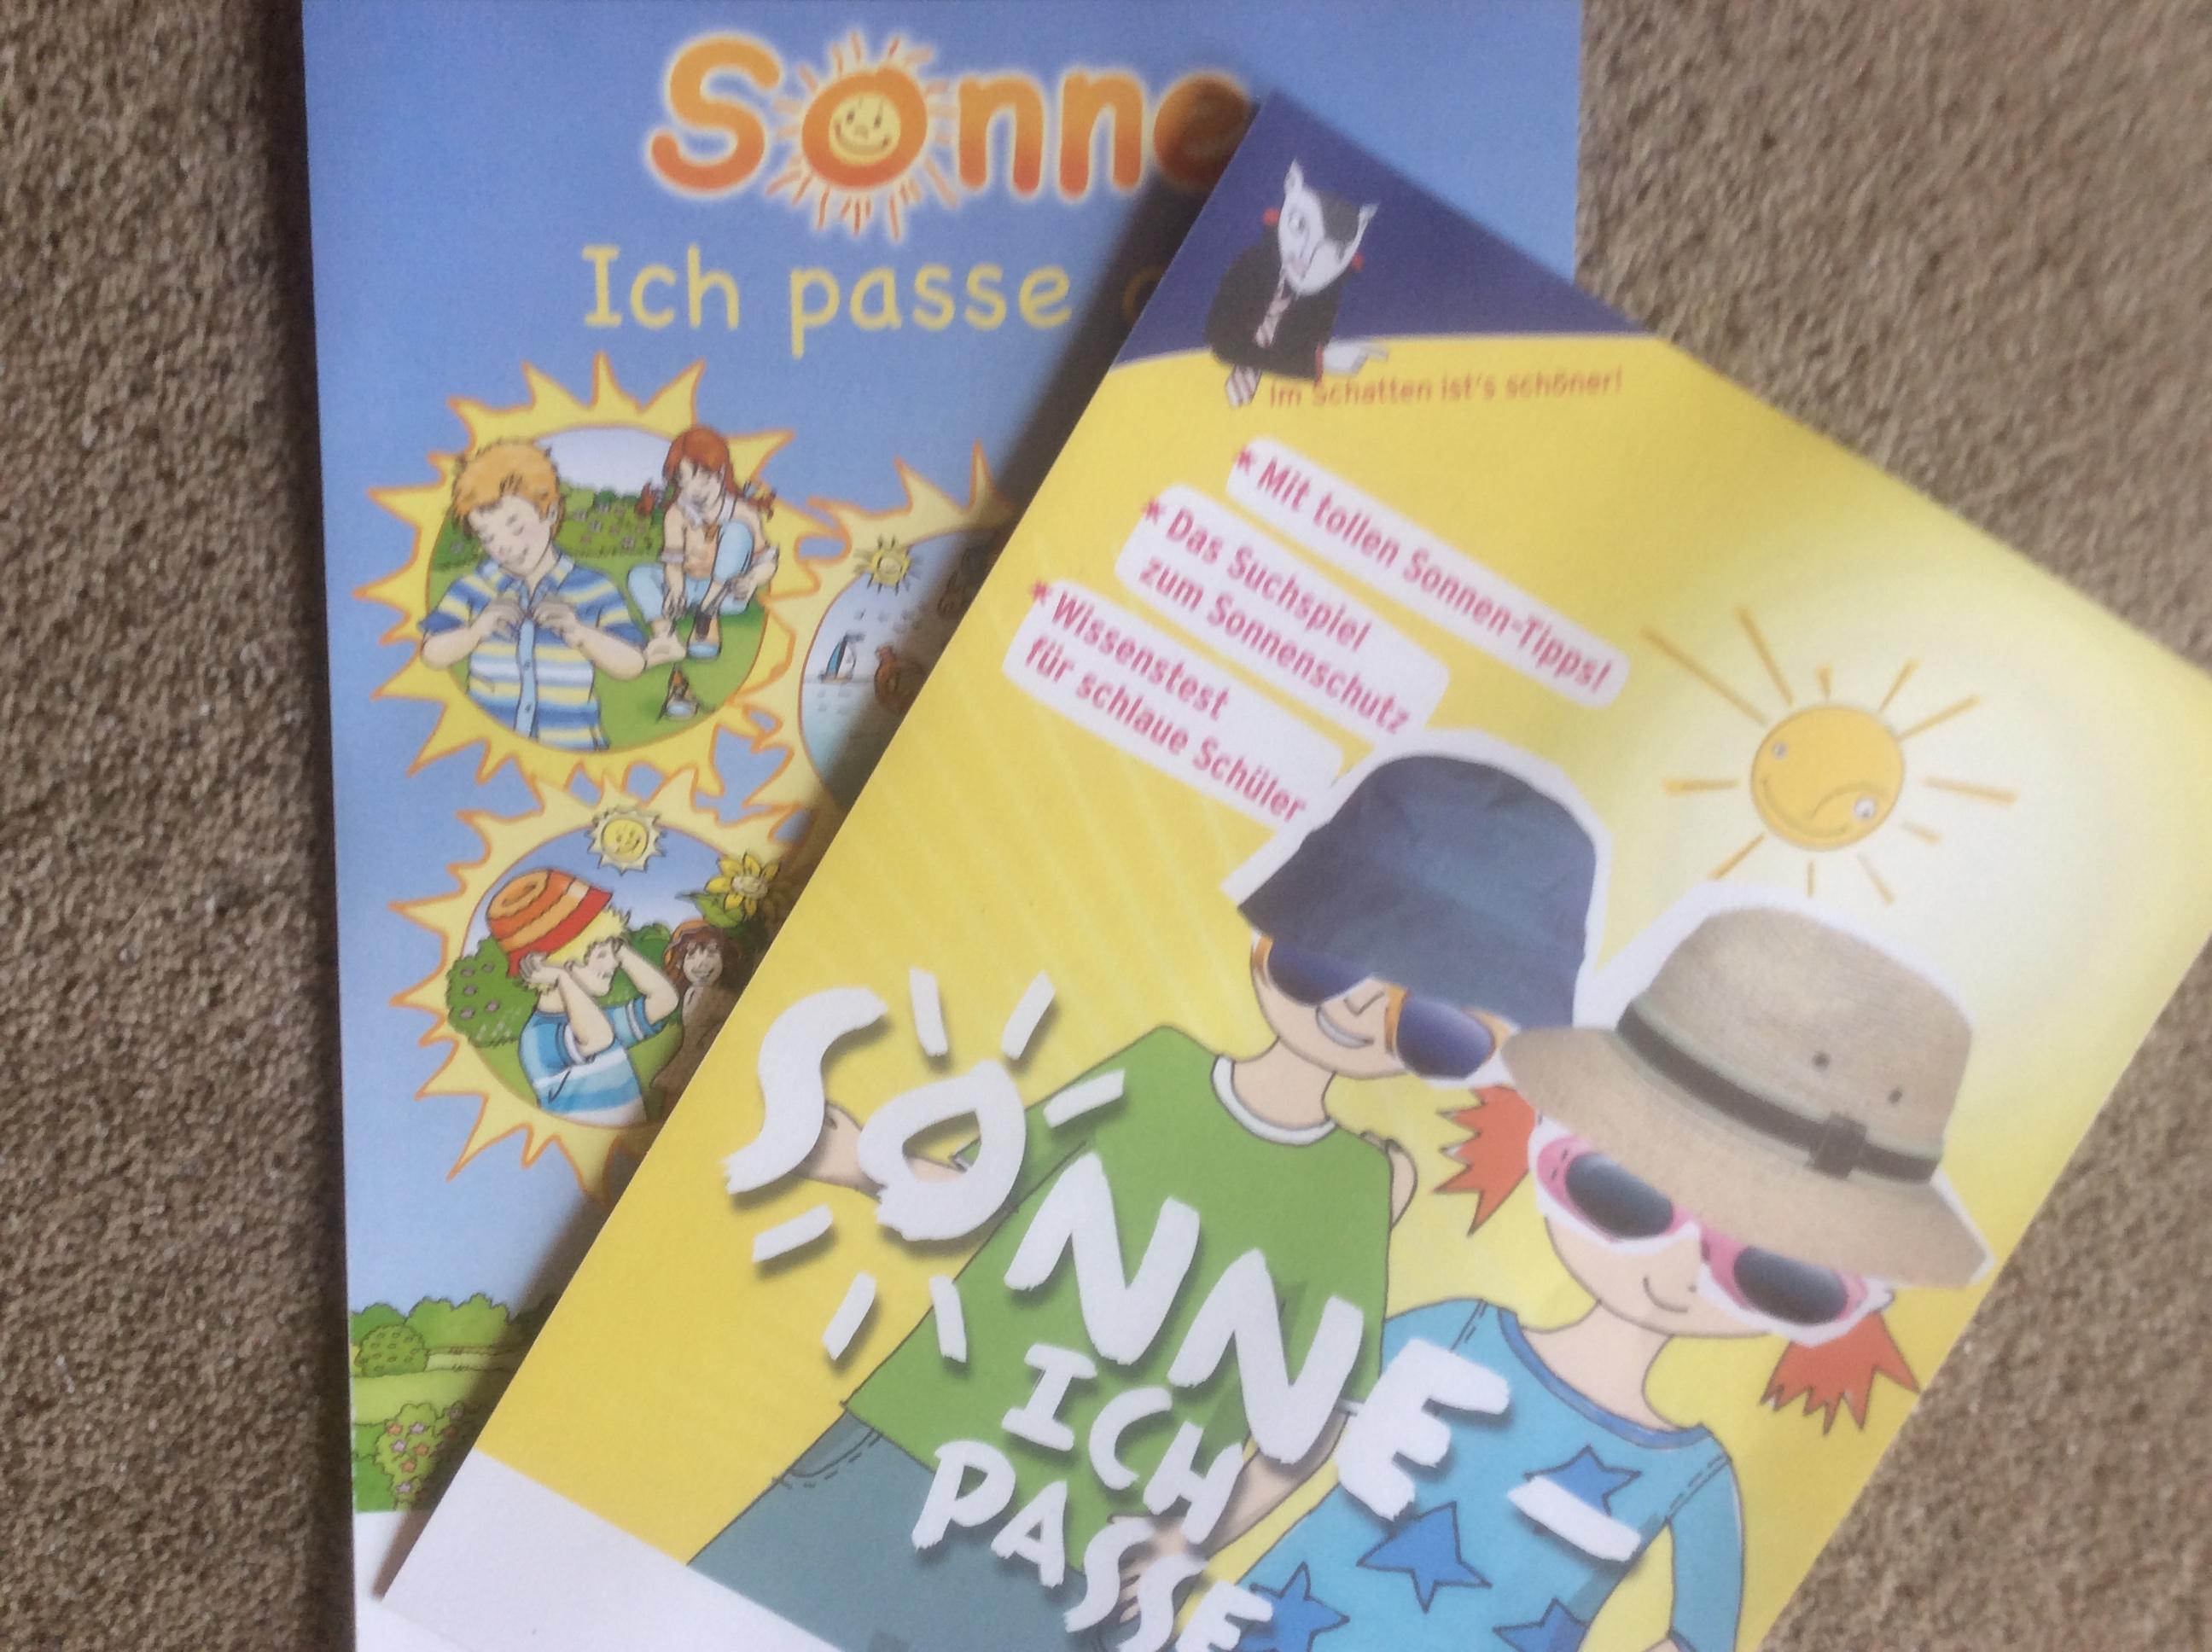 [BfS] Sonne  - ich passe auf (kindgerechtes Infopaket gratis)